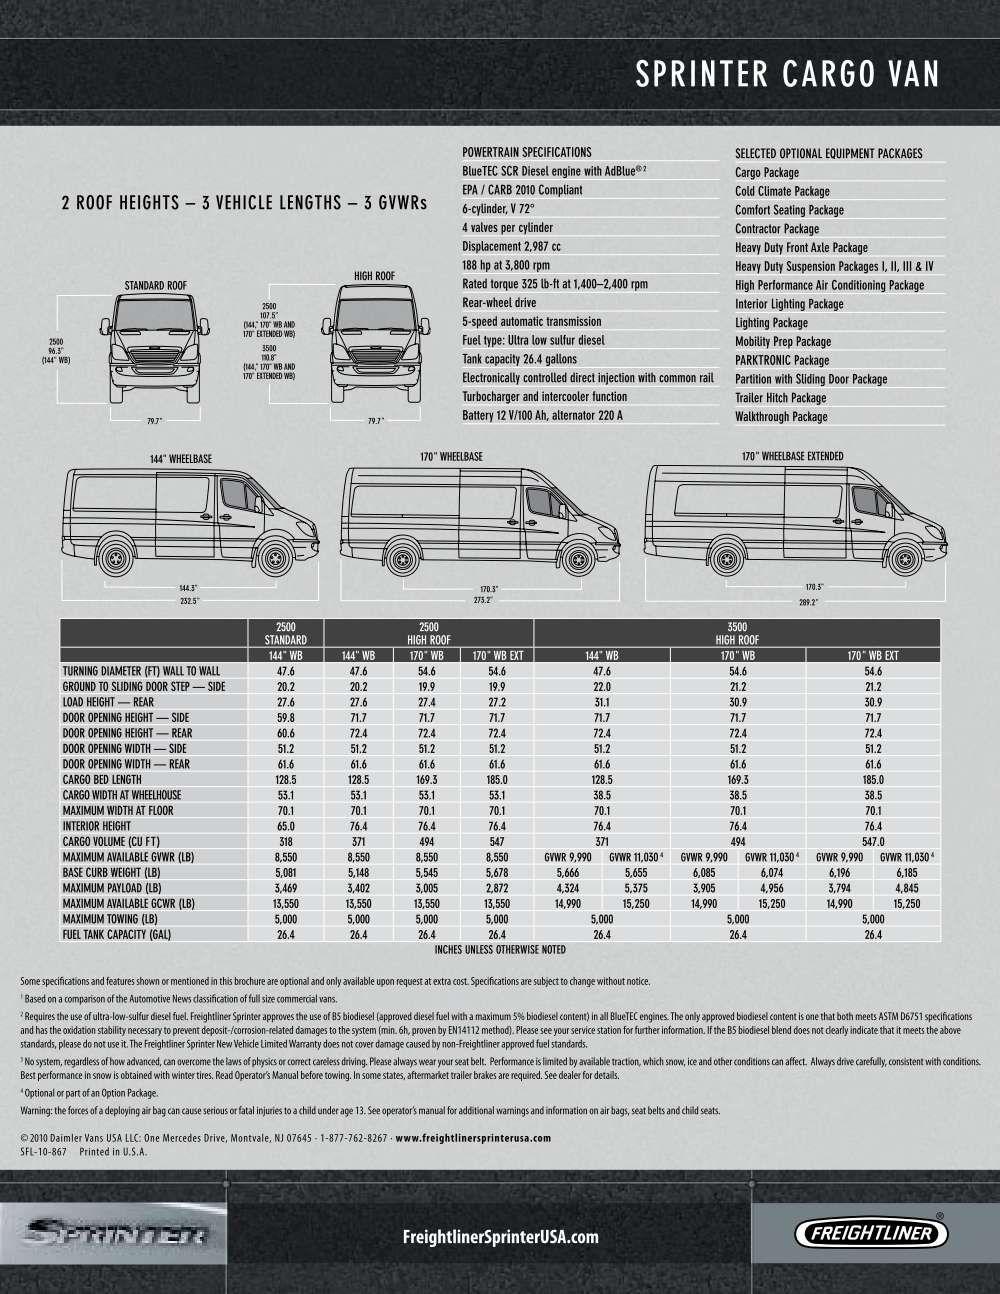 sprinter freightliner sprinter cargo van size chart